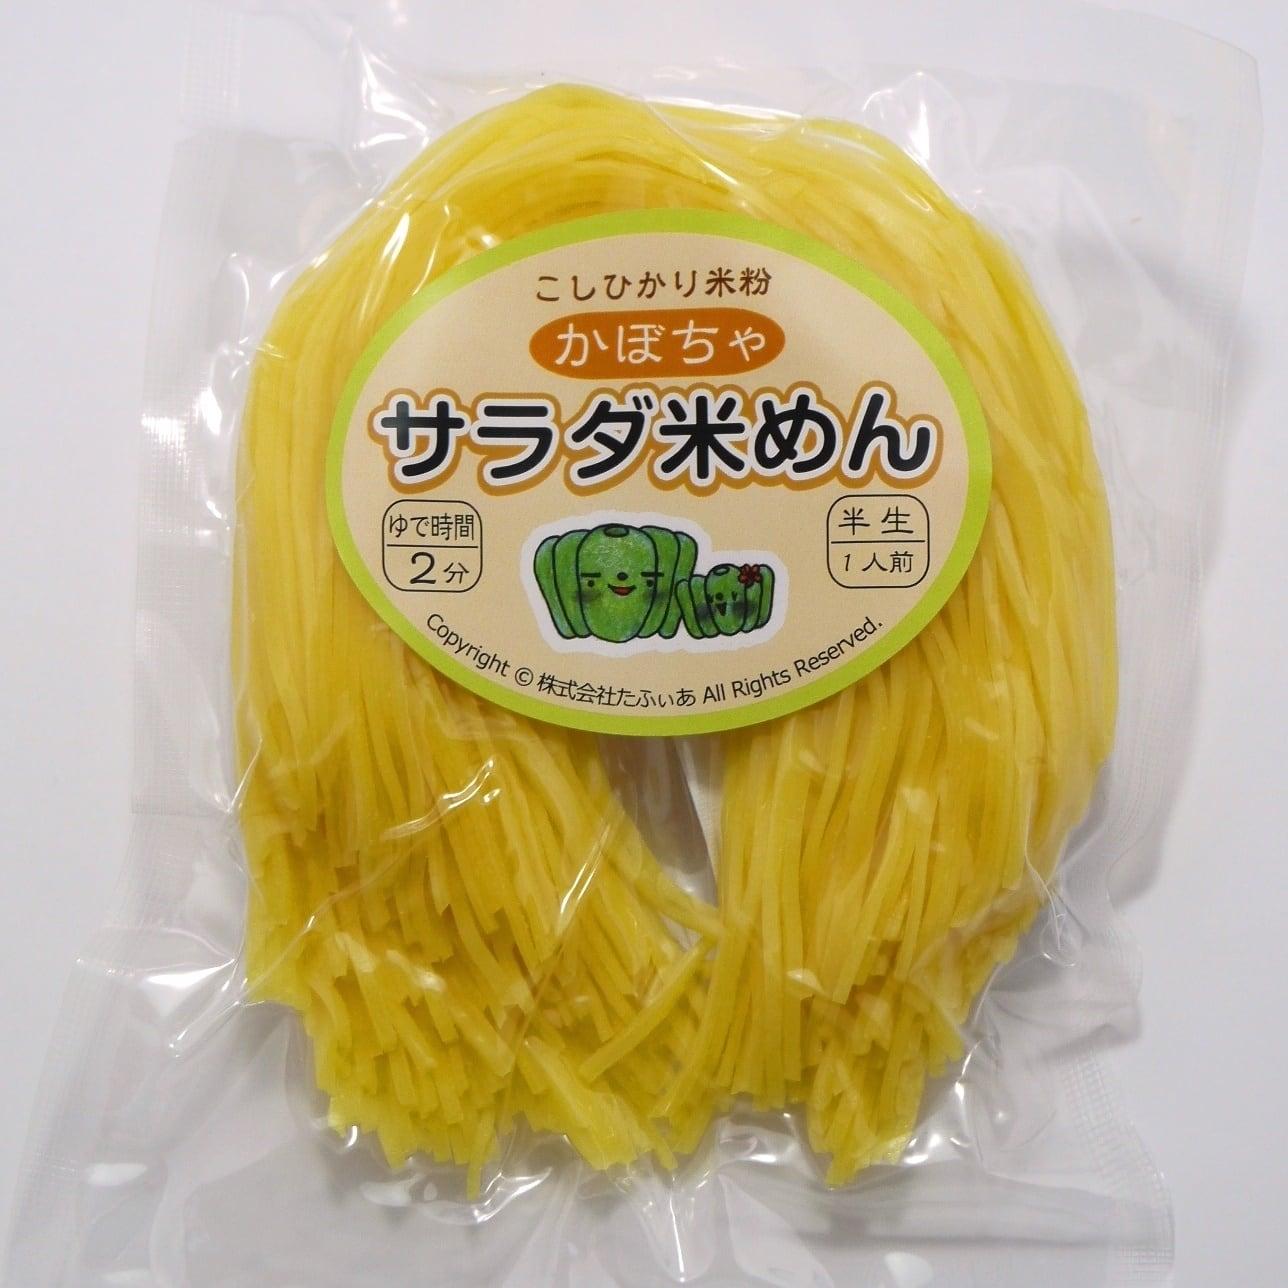 サラダ米めん(かぼちゃ)